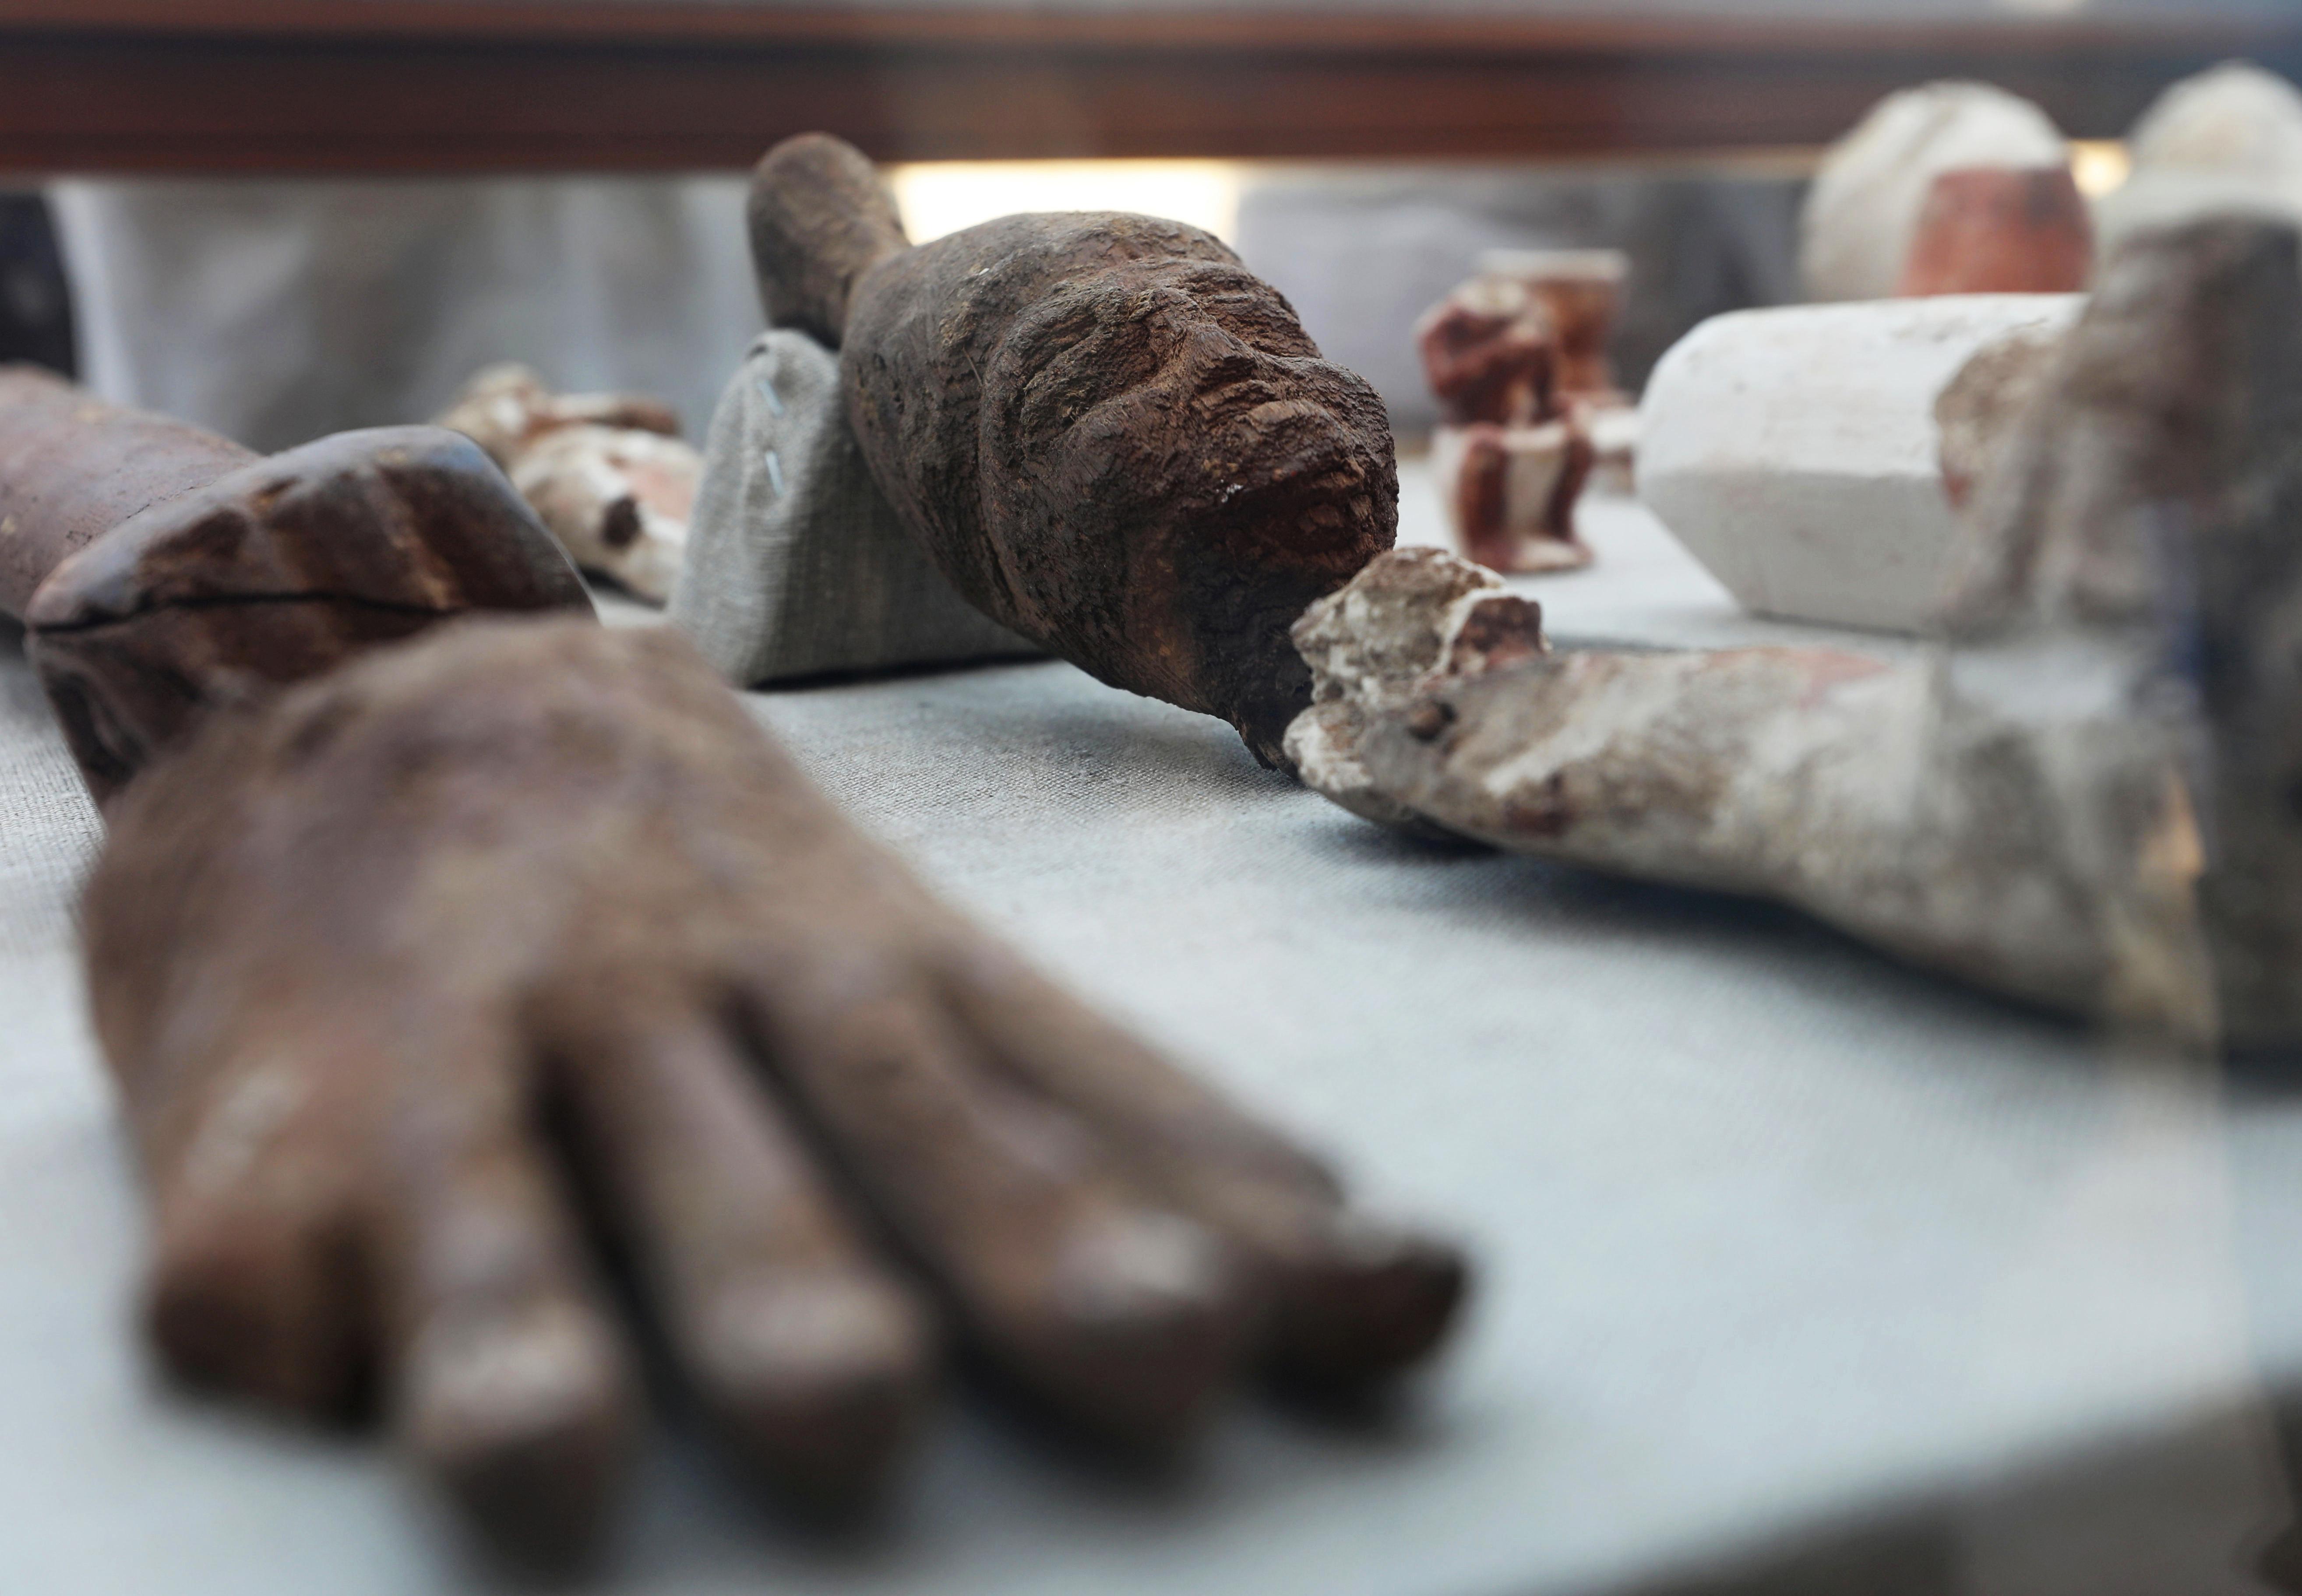 من القطع الأثرية المكتشفة داخل المقبرة في منطقة سقارة في الجيزة